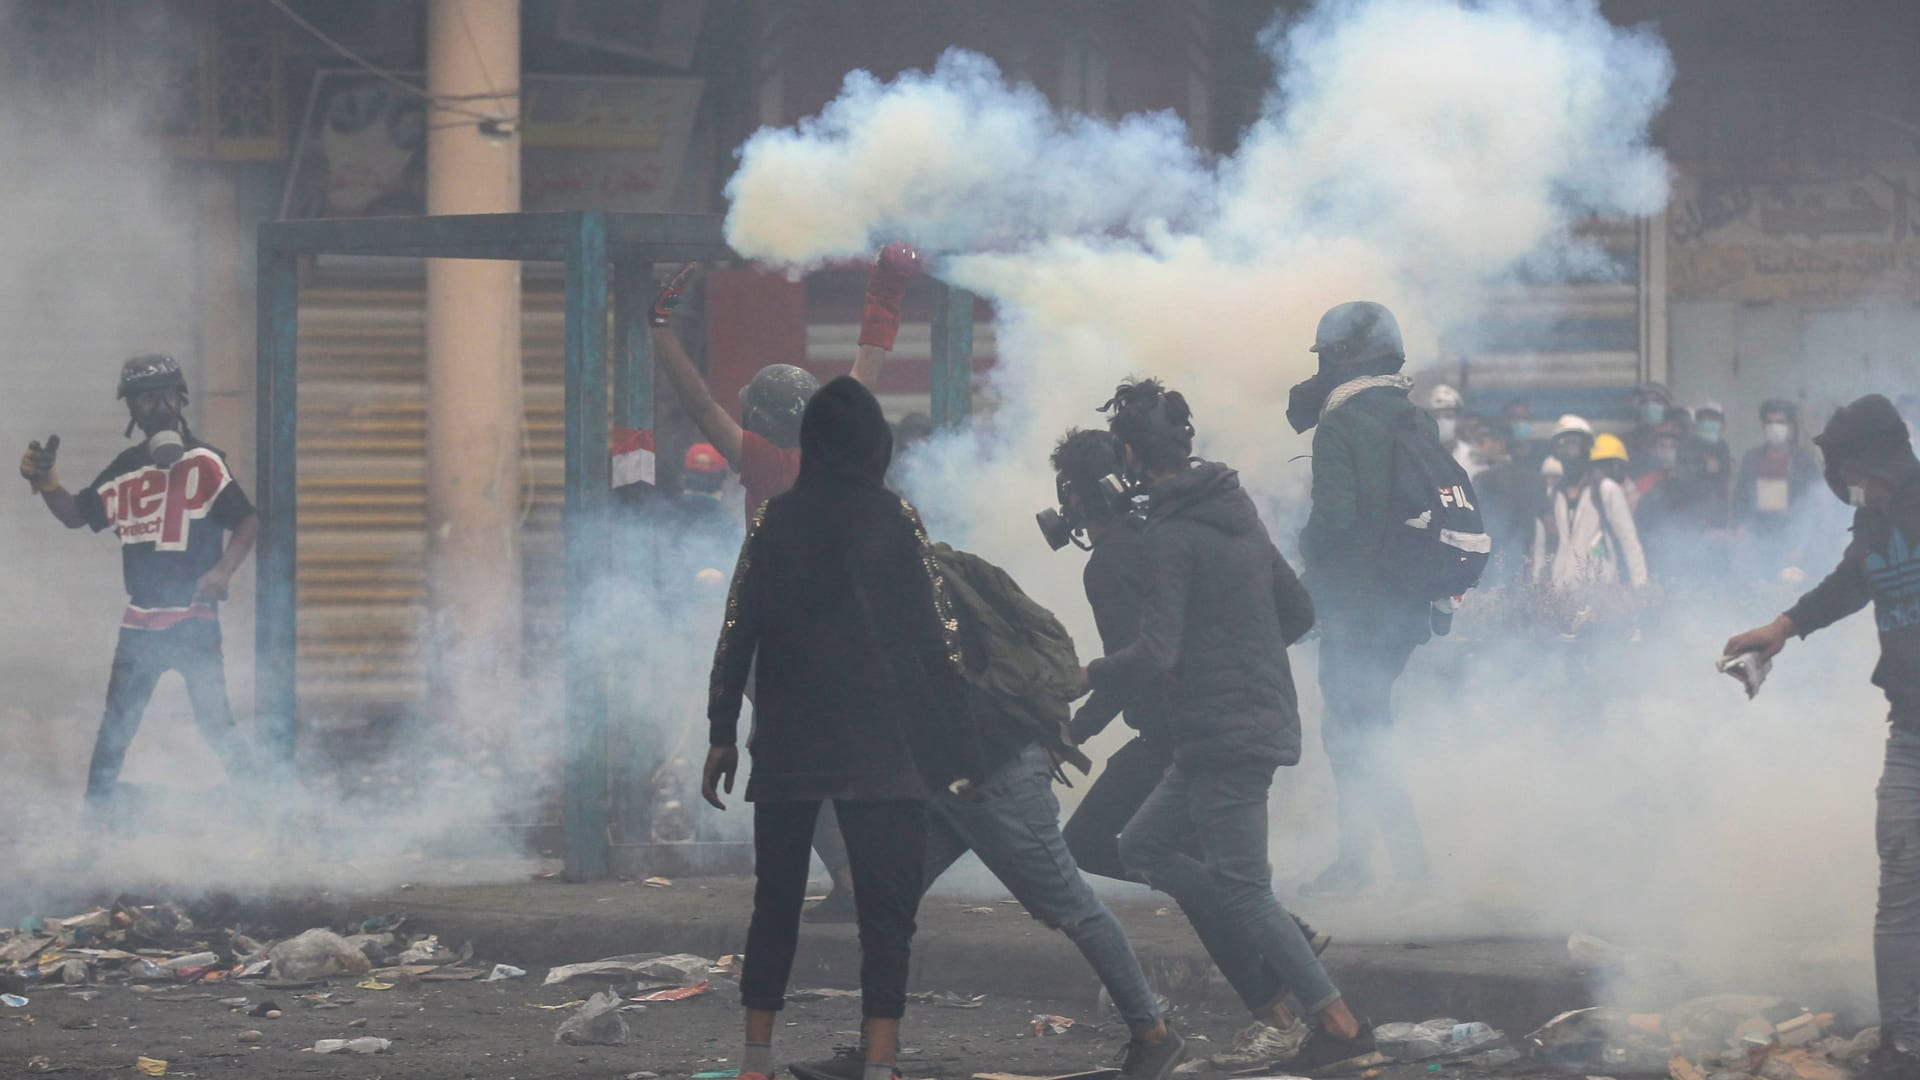 احتجاجات العراق.. تصاعد الغضب ضد التدخل الإيراني